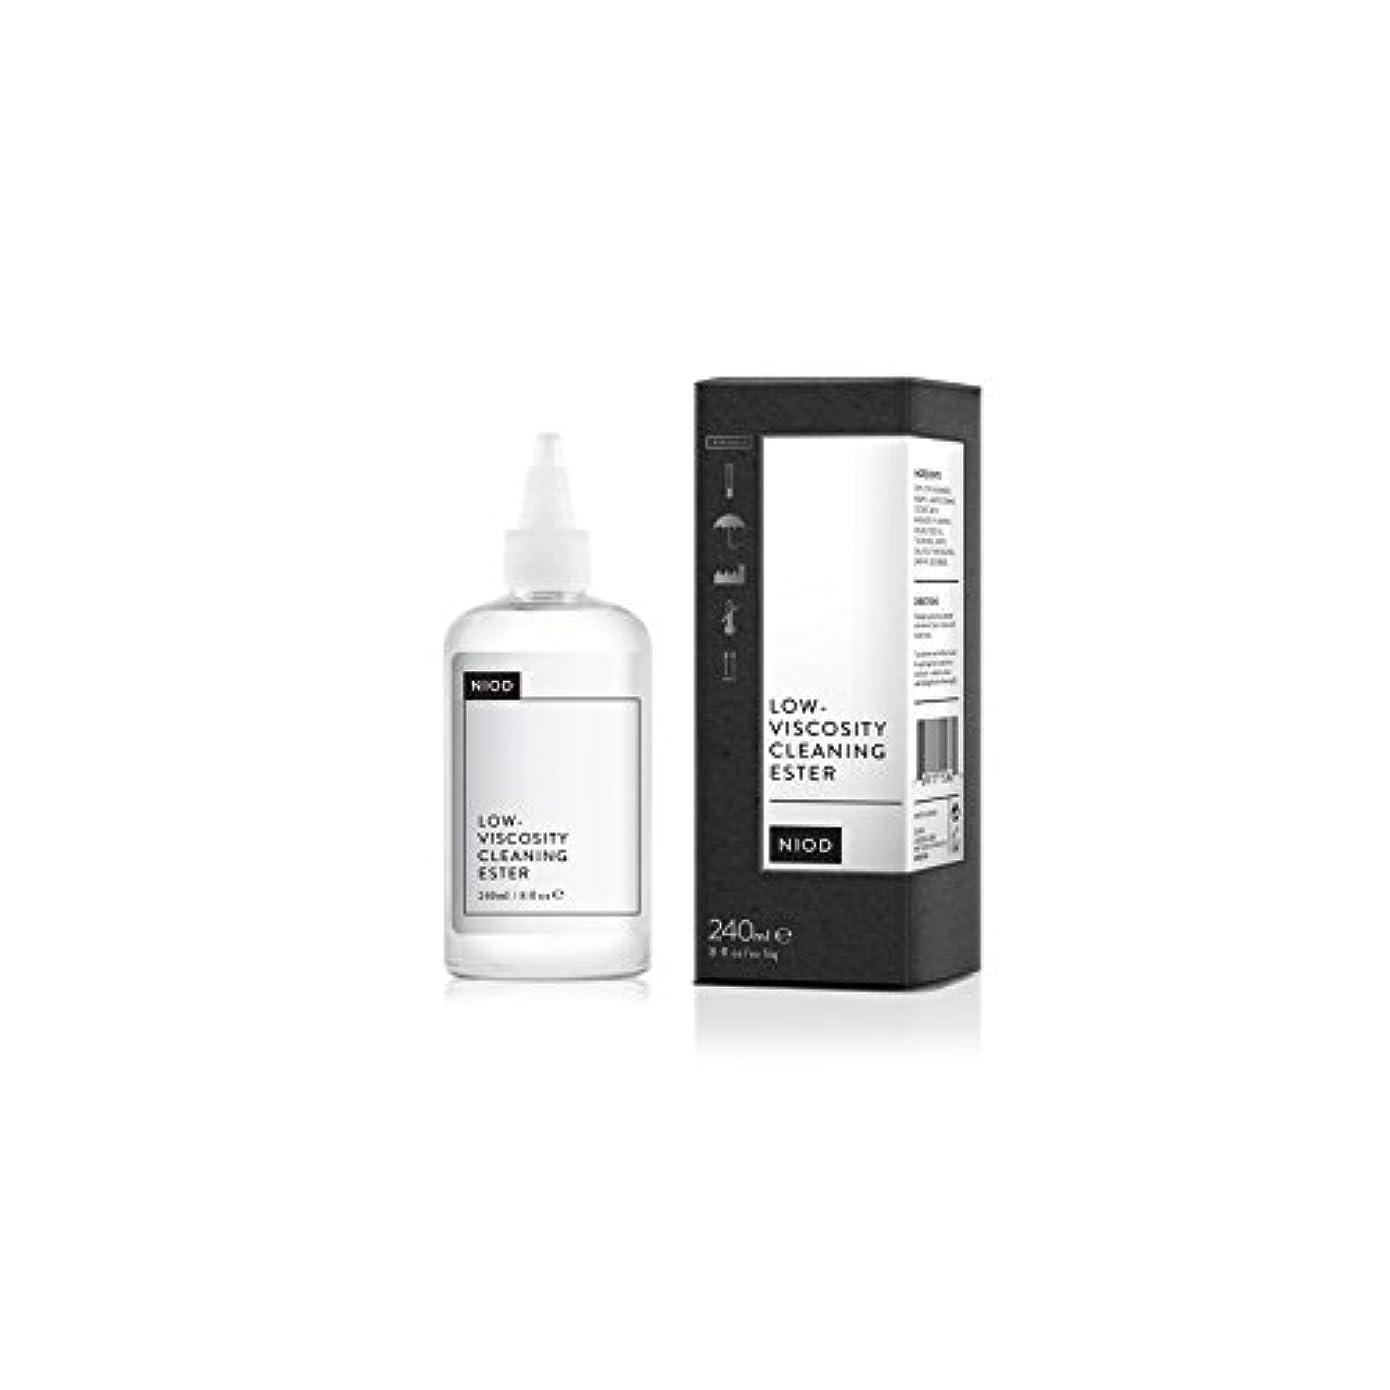 にどう?ハリケーン低粘度のクリーニングエステル(240ミリリットル) x4 - Niod Low-Viscosity Cleaning Ester (240ml) (Pack of 4) [並行輸入品]